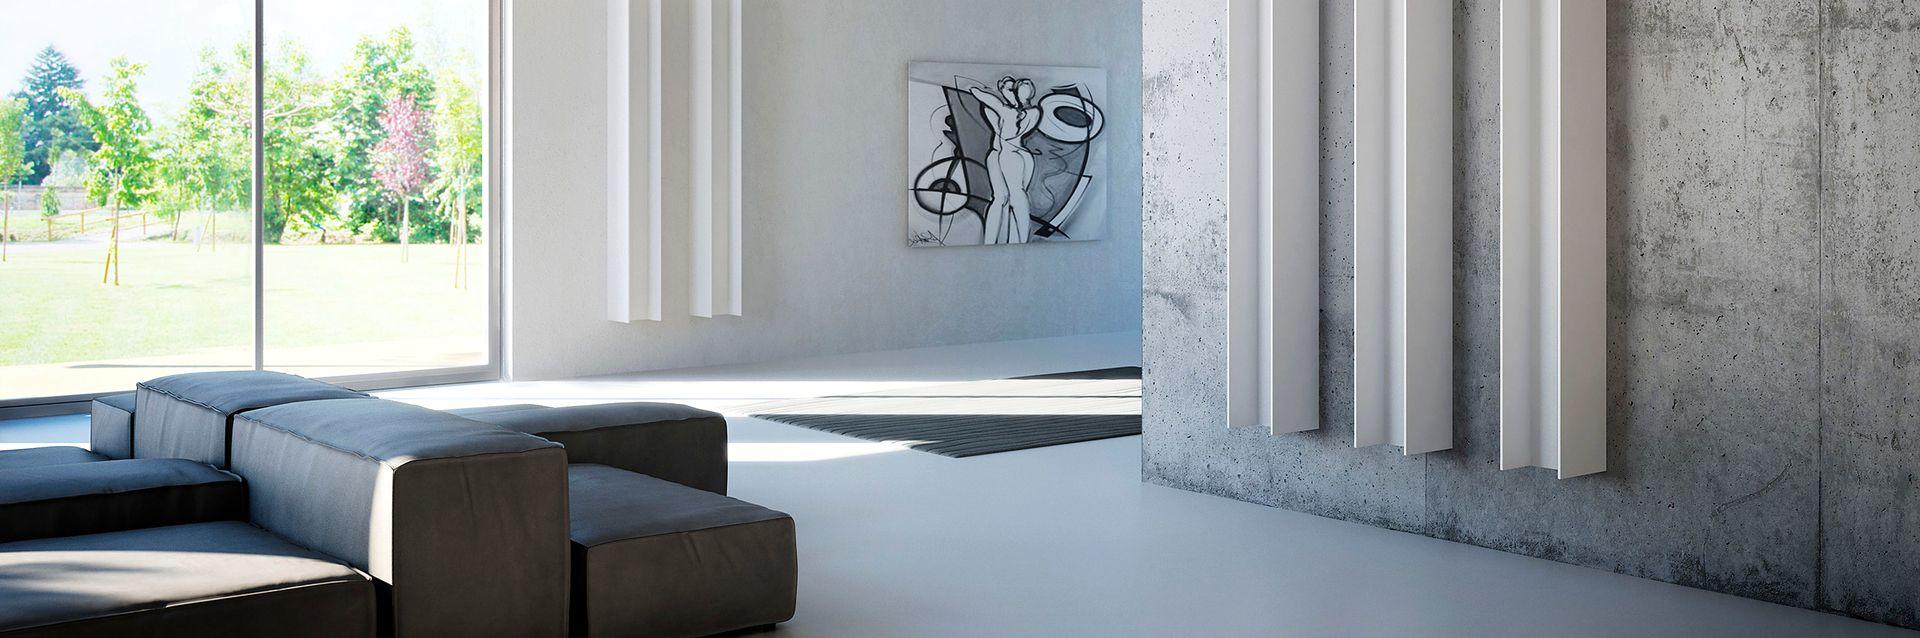 Design radiator voor de badkamer:bepaal uw eigen stijl! - Joop ...